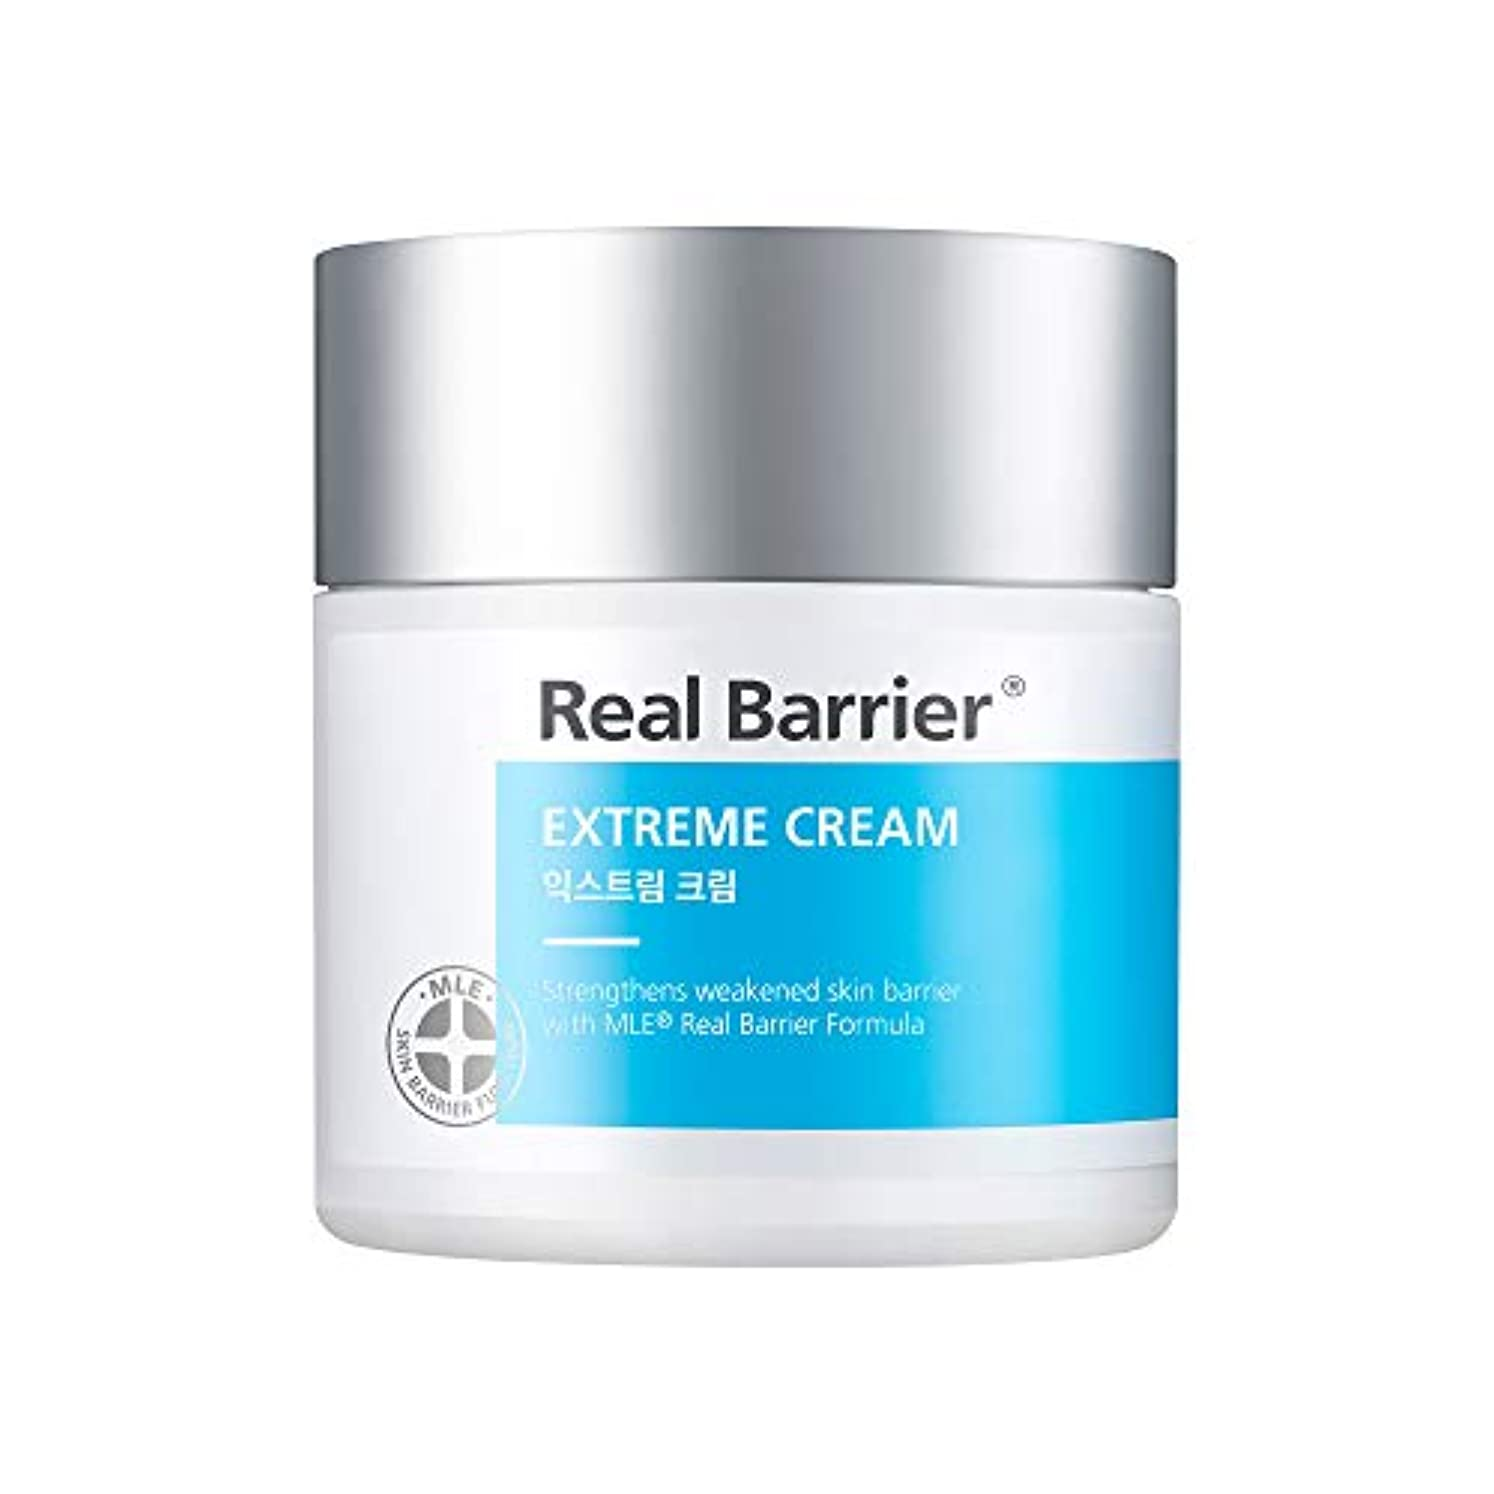 敗北ポルノワインアトパーム(atopalm) リアルベリアエクストリームクリーム/Atopam Real Barrier Extreme Cream